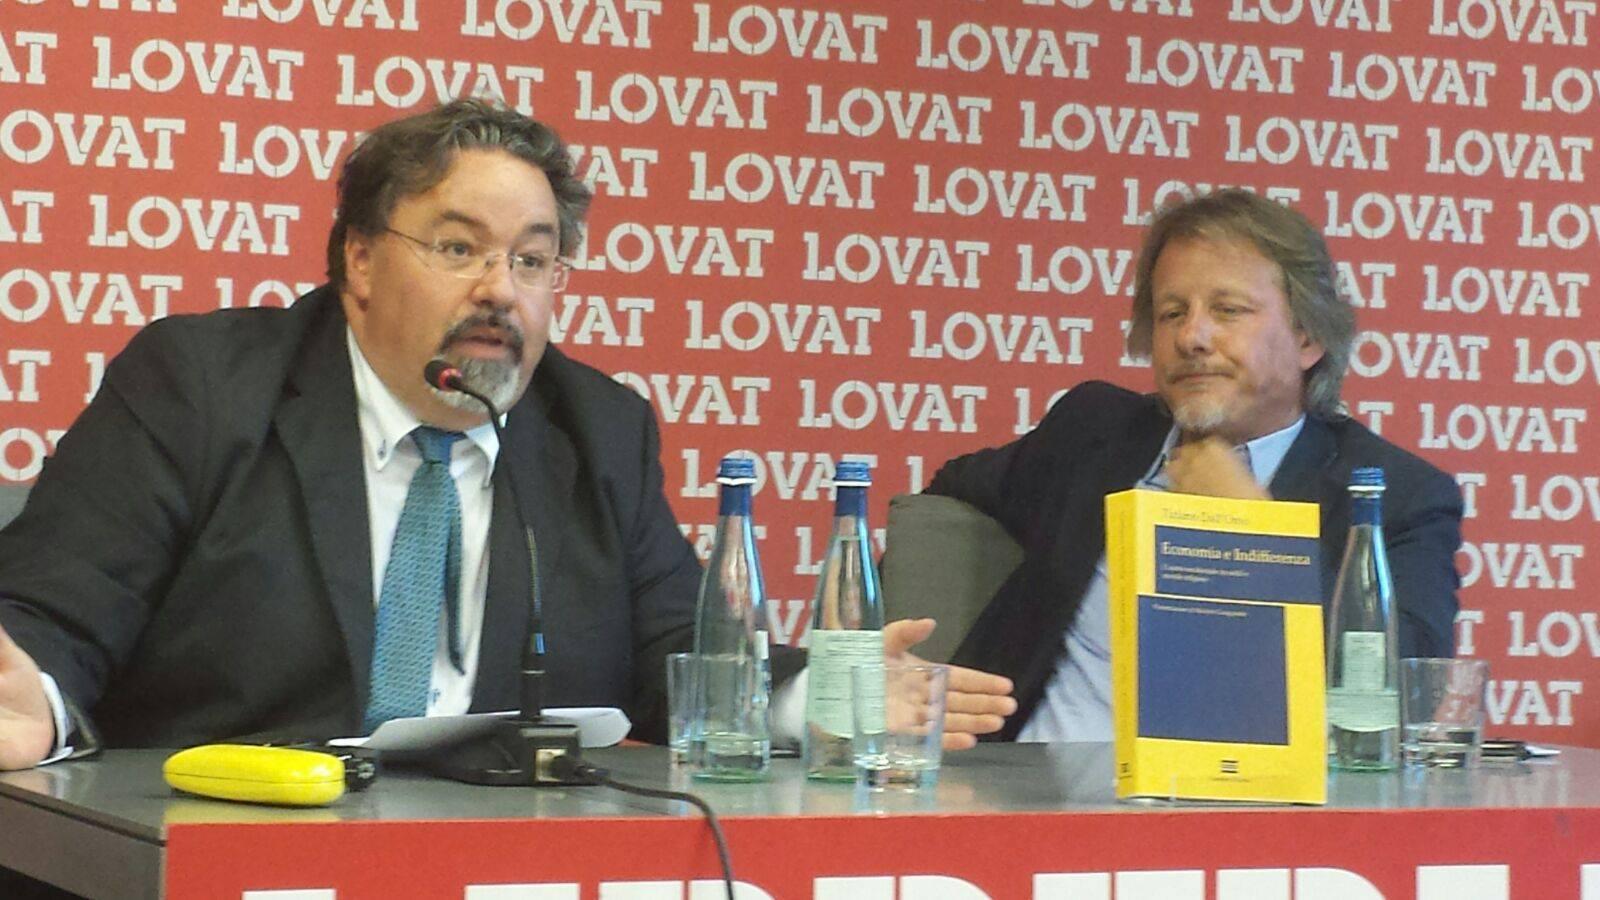 Presentazione del libro Economia e Indifferenza a Treviso